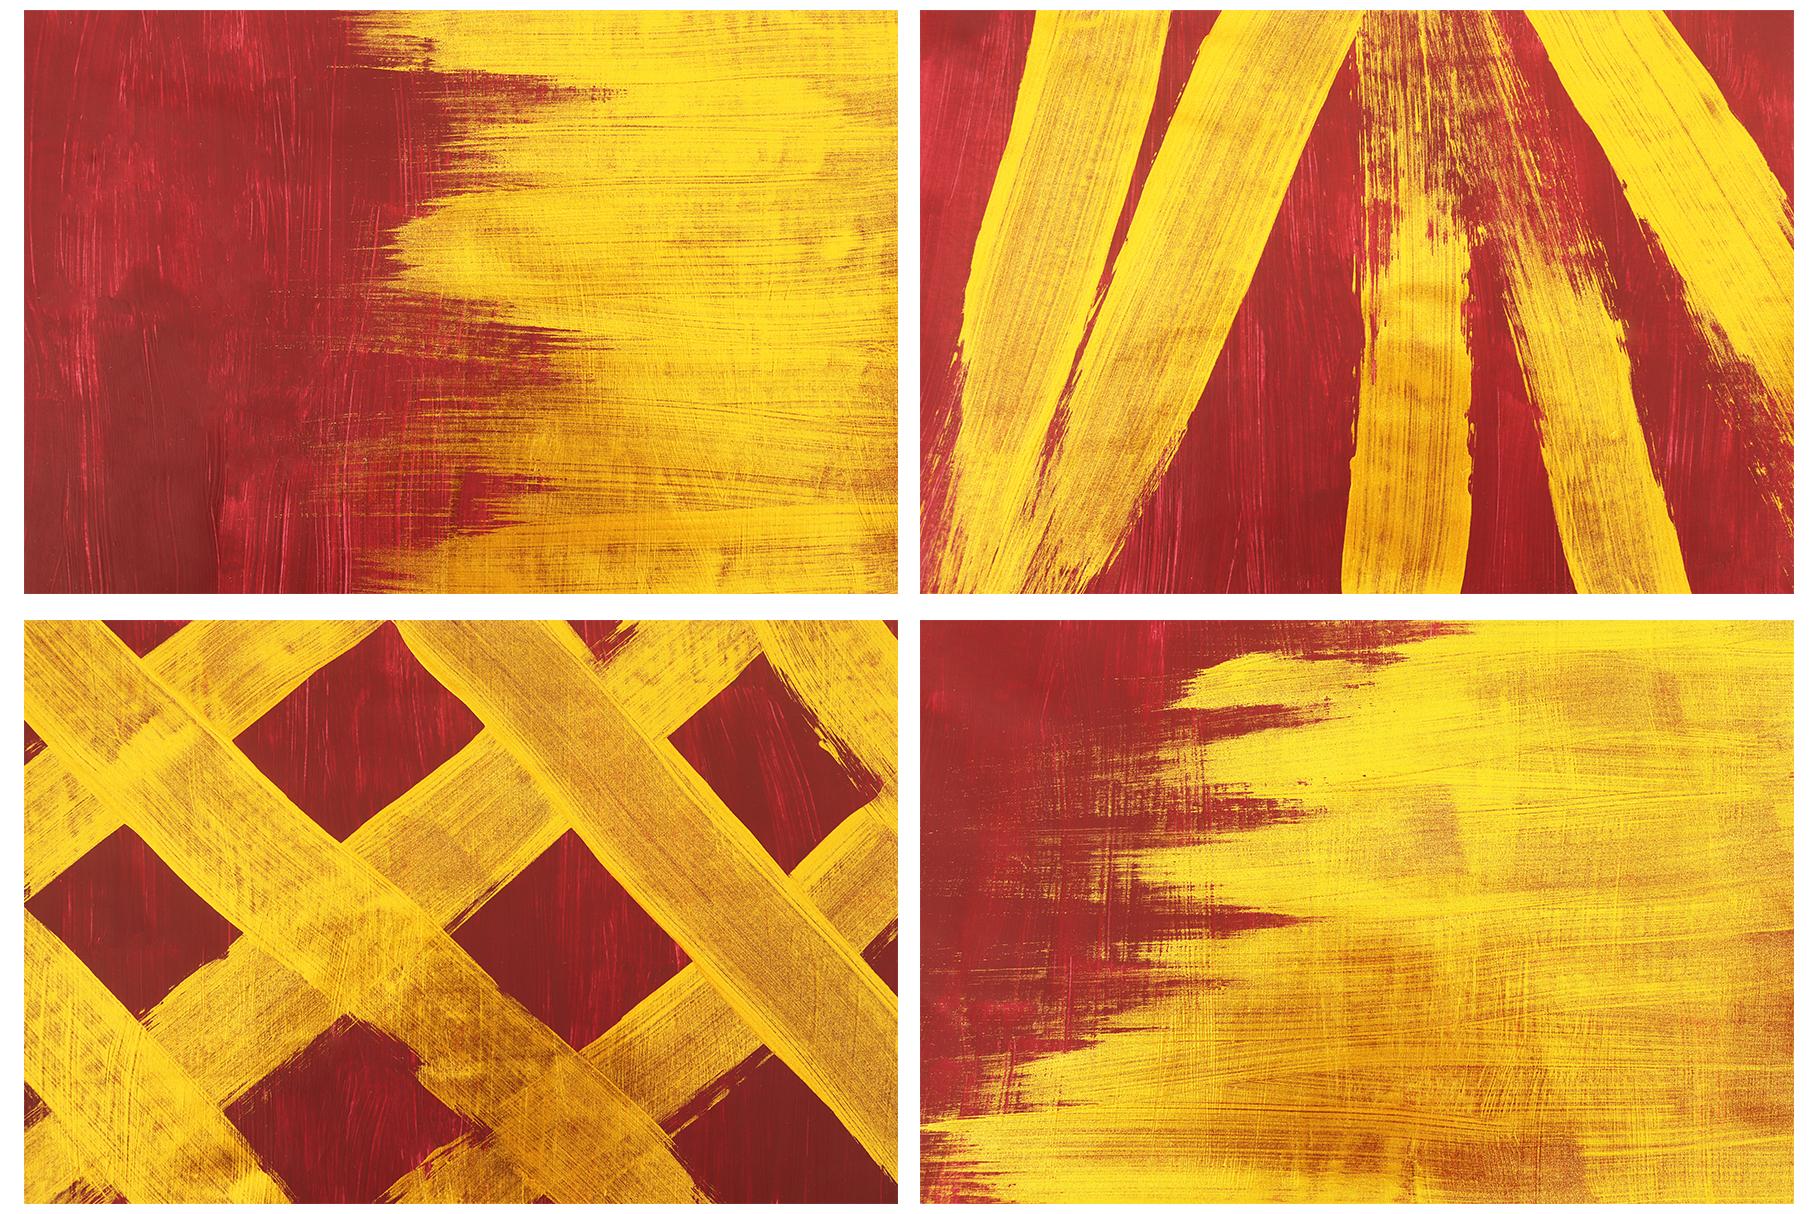 抽象手绘金色朱红漆背景纹理 Burgundy & Gold Abstract Backgrounds插图(2)